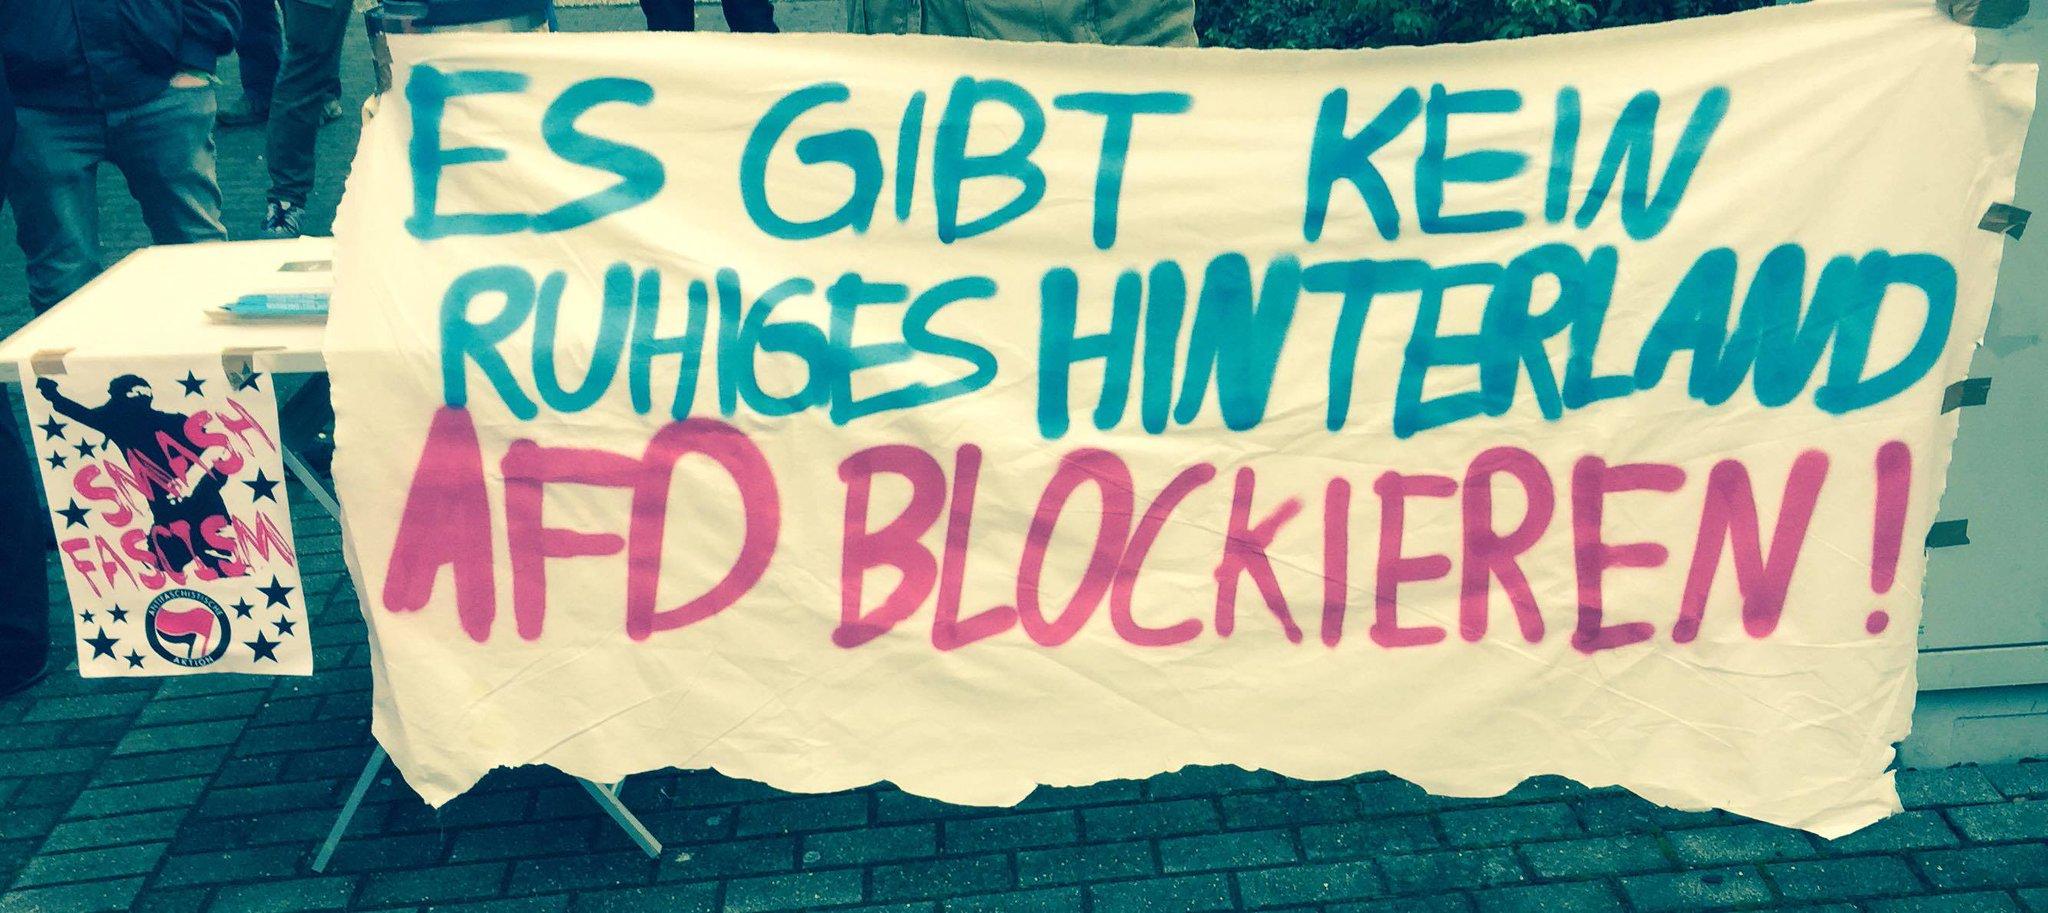 Bei den geplanten AfD-Veranstaltungen im Euskirchener City-Forum soll es wieder Gegendemonstrationen geben, wie es sie bereits bei der jüngsten Landeswahlveranstaltung gegeben hat.